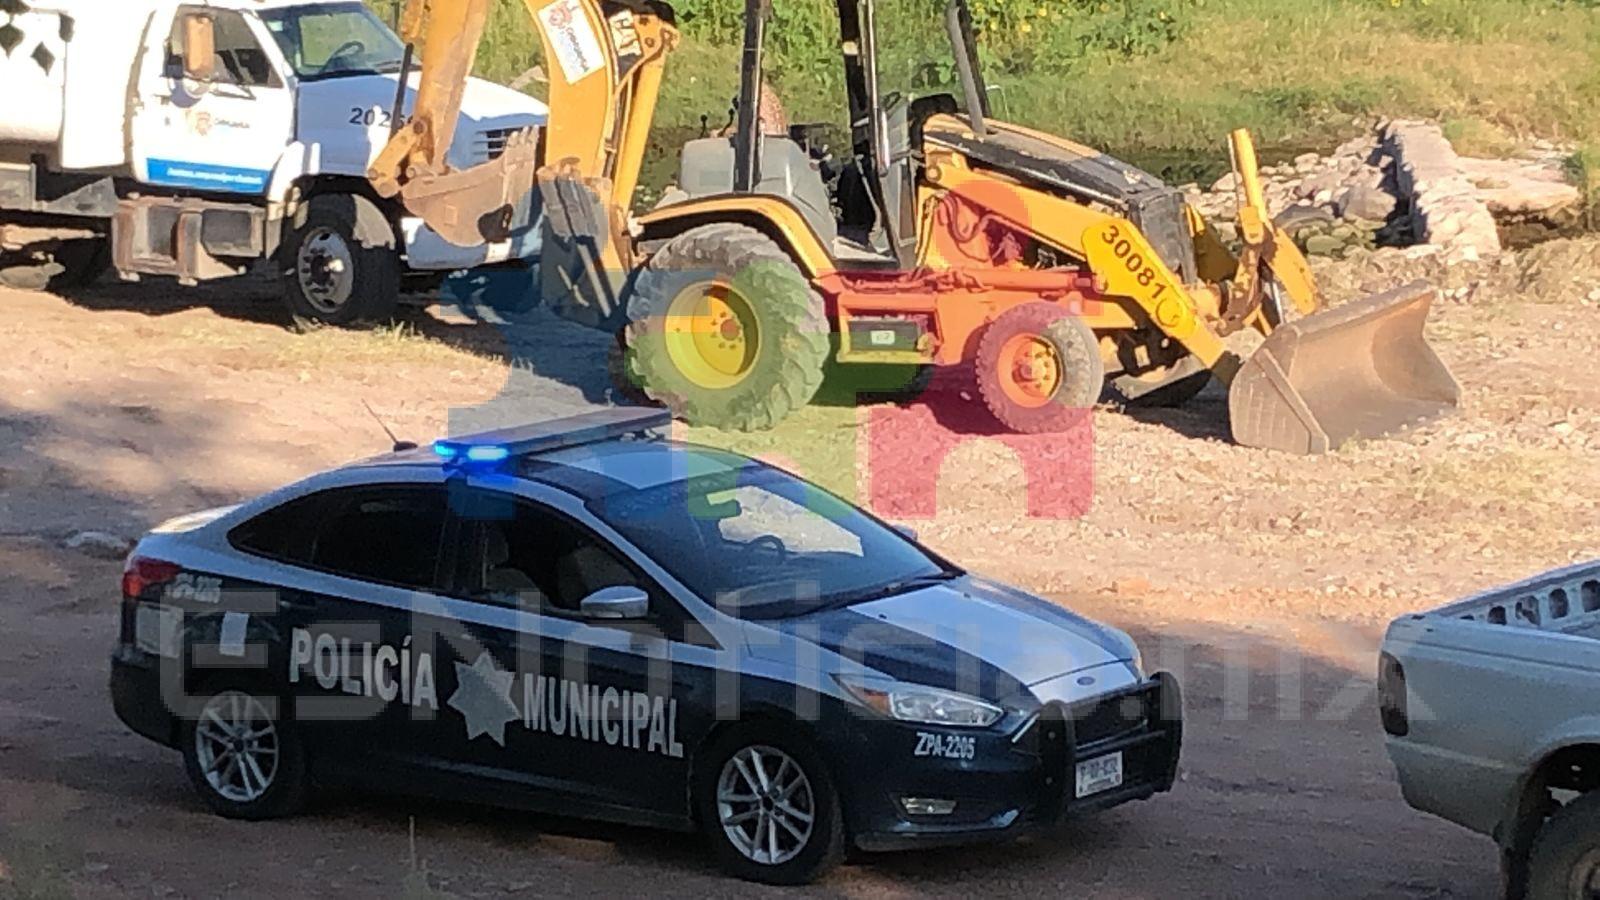 Roban partes de maquinaria del municipio en el Teófilo Borunda